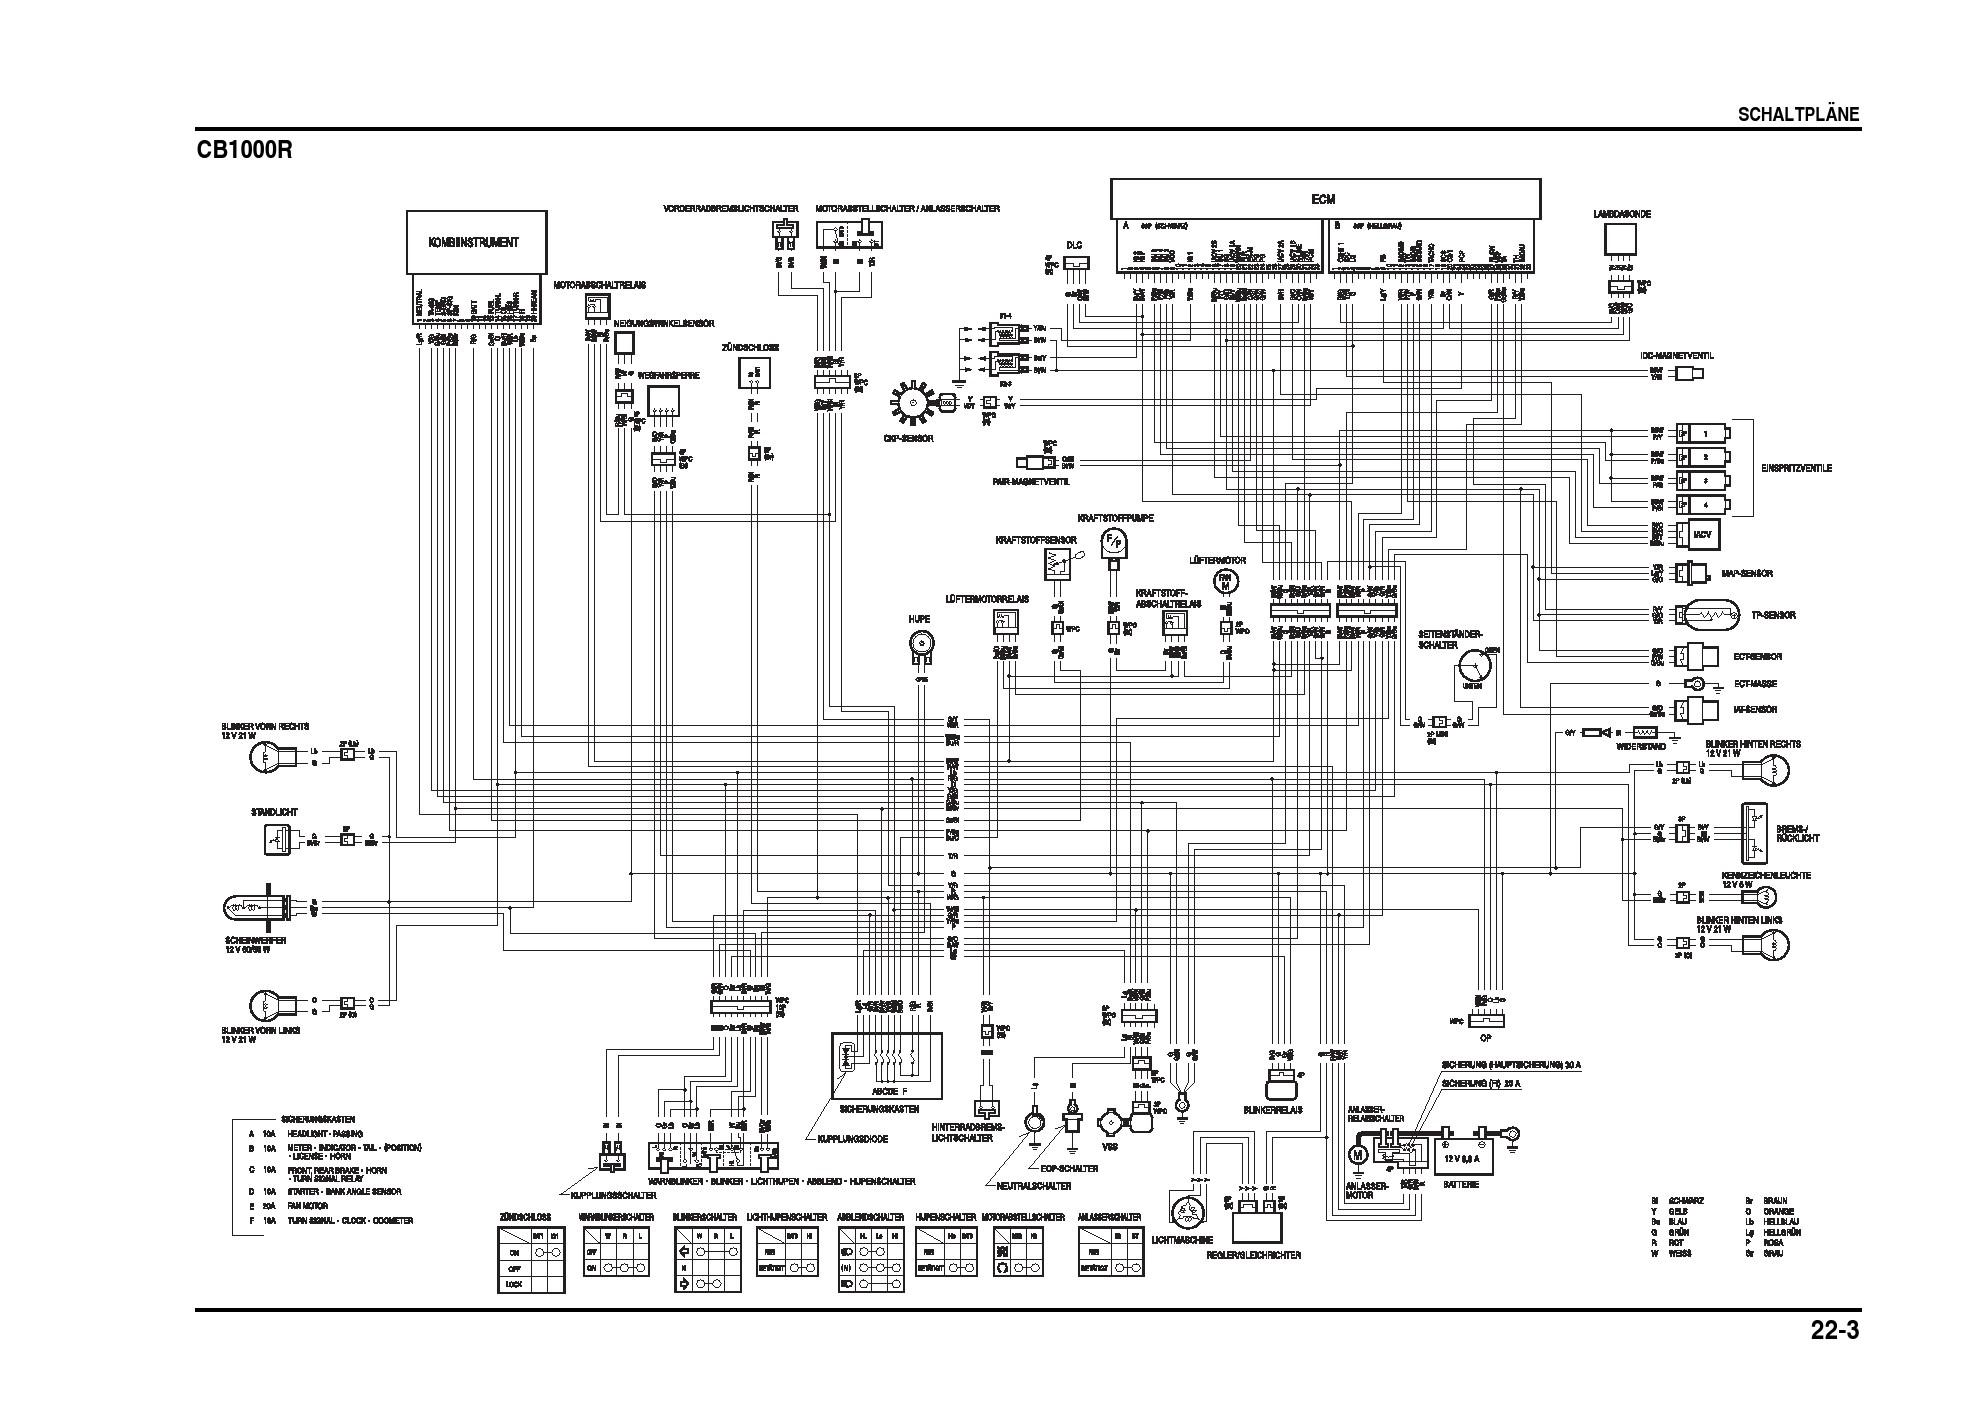 [DIAGRAM_38IS]  CB1000R wiring diagram | Honda CB1000R Forum | Honda Cb1000 Wiring Diagram |  | Honda CB1000R Forum